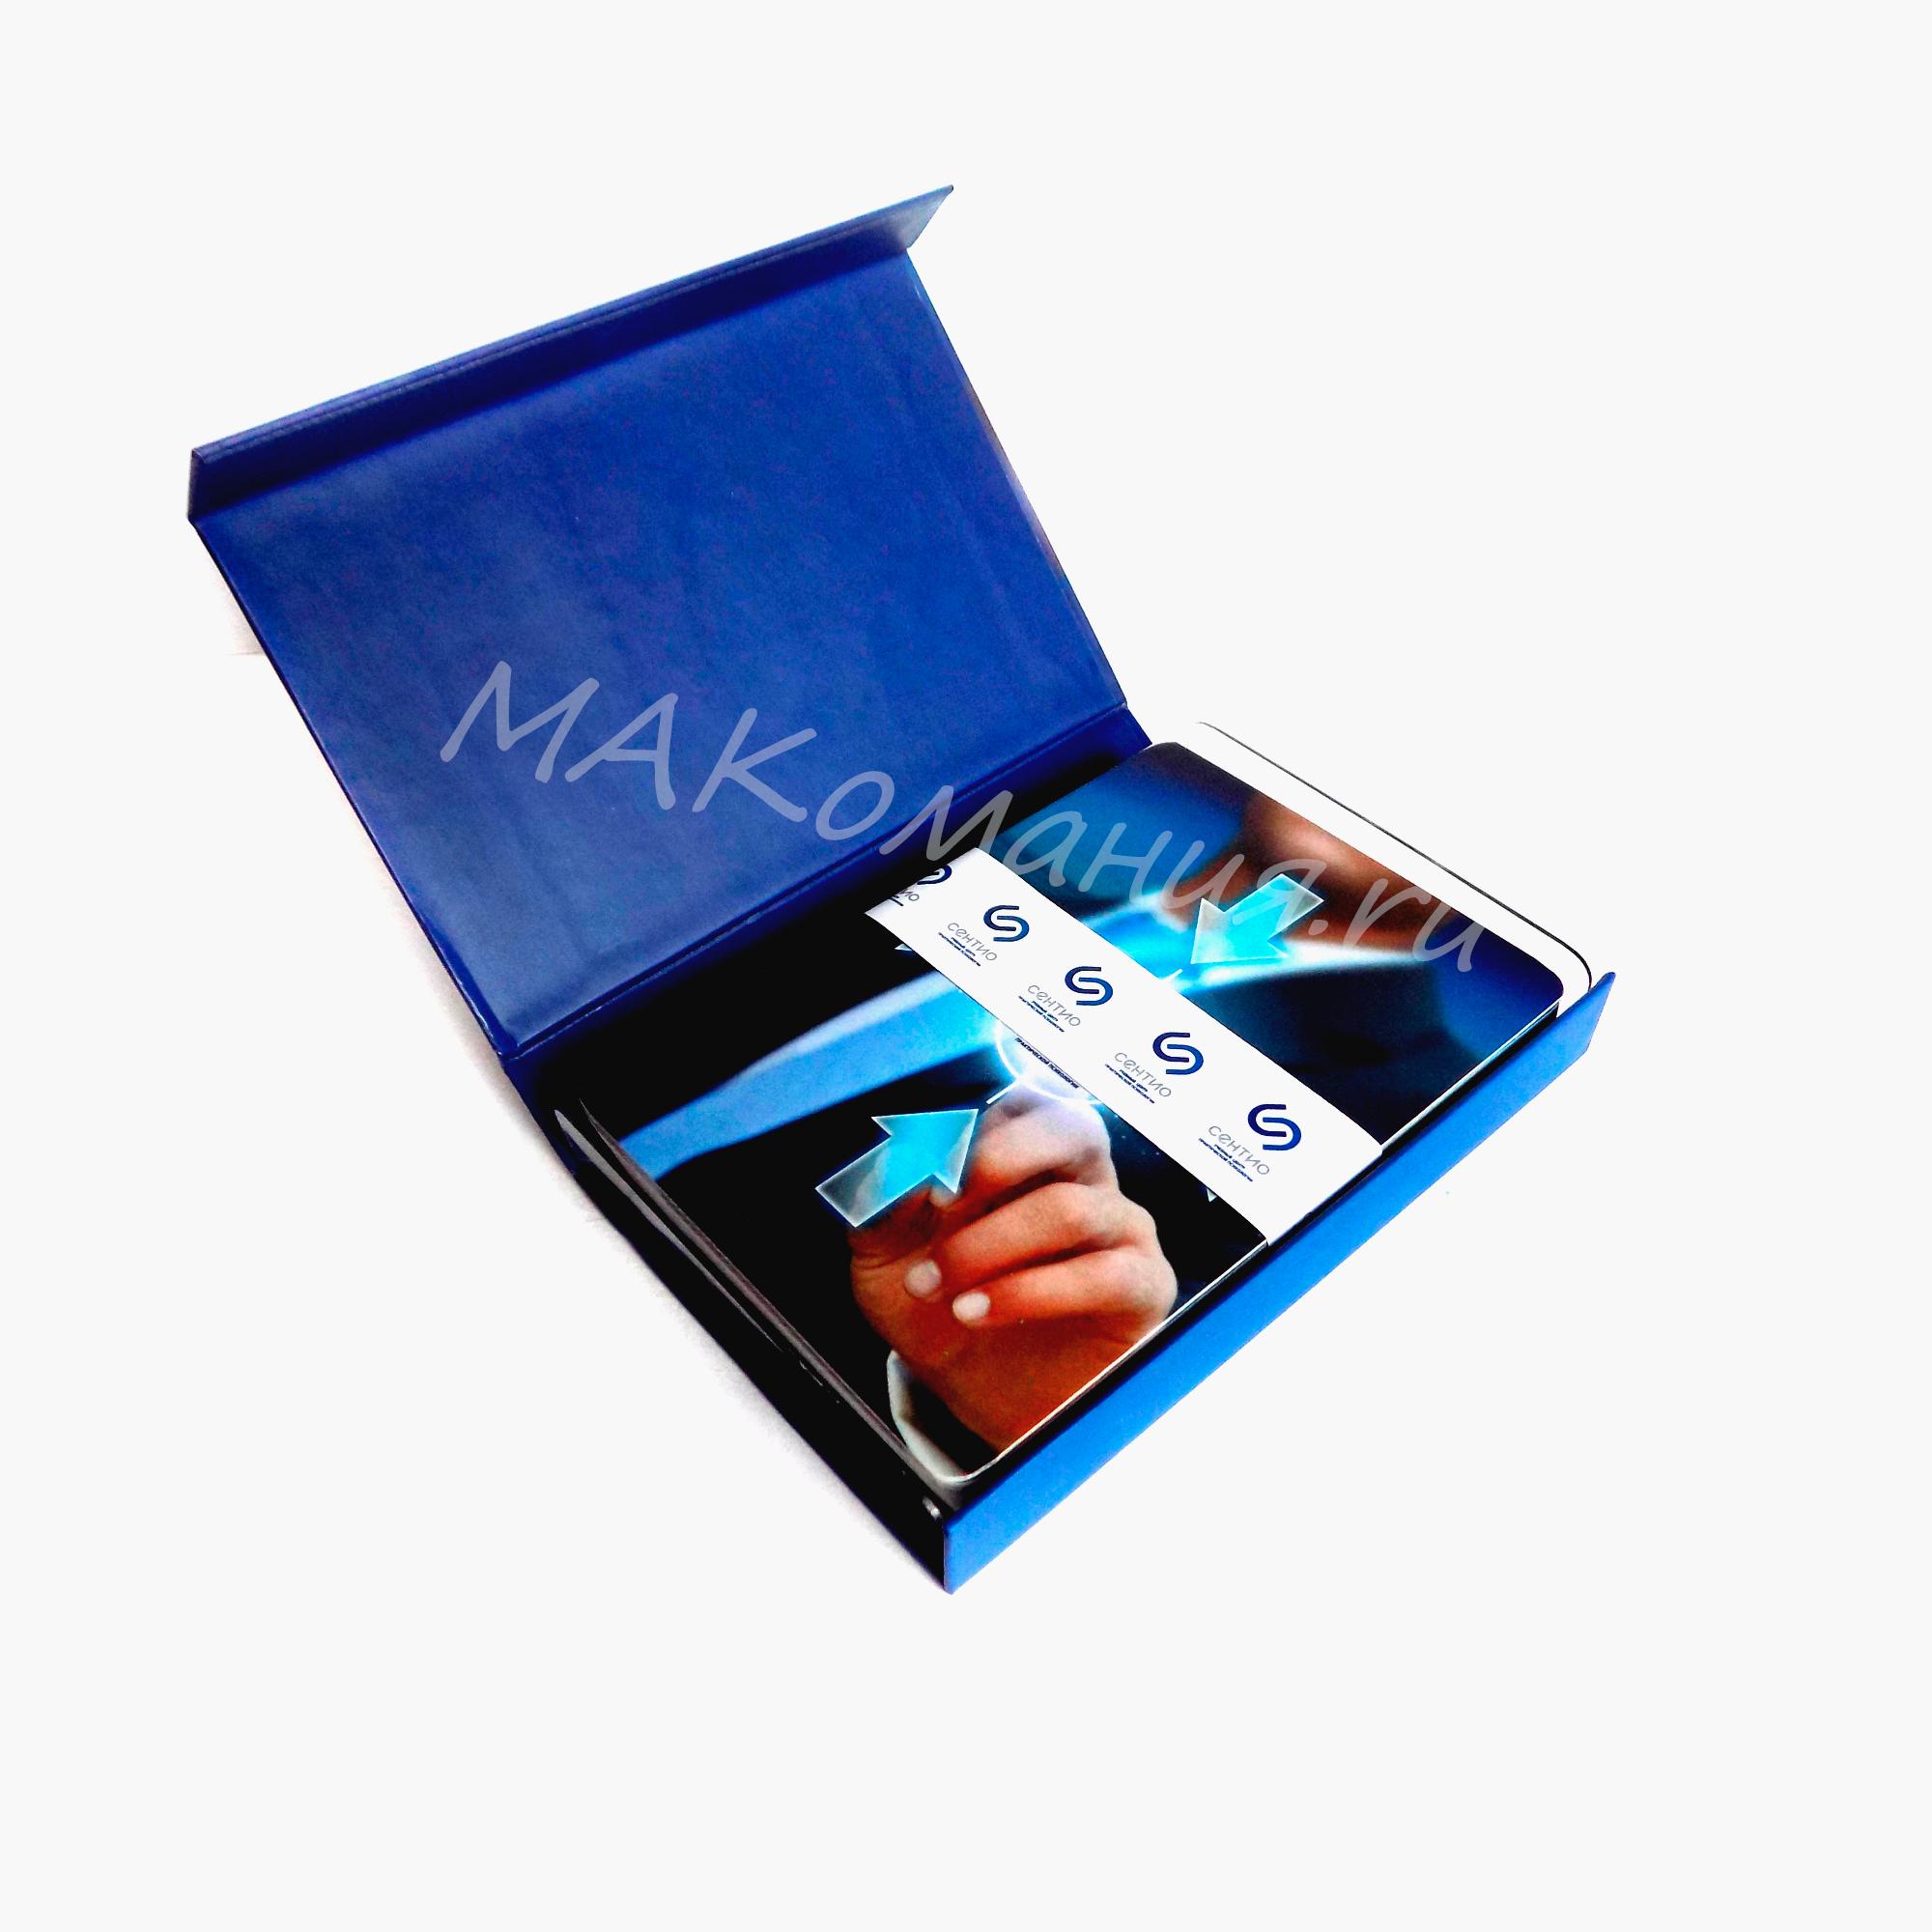 Макомания, метафорические карты купить в интернет-магазине онлайн,МАК,купить МАК